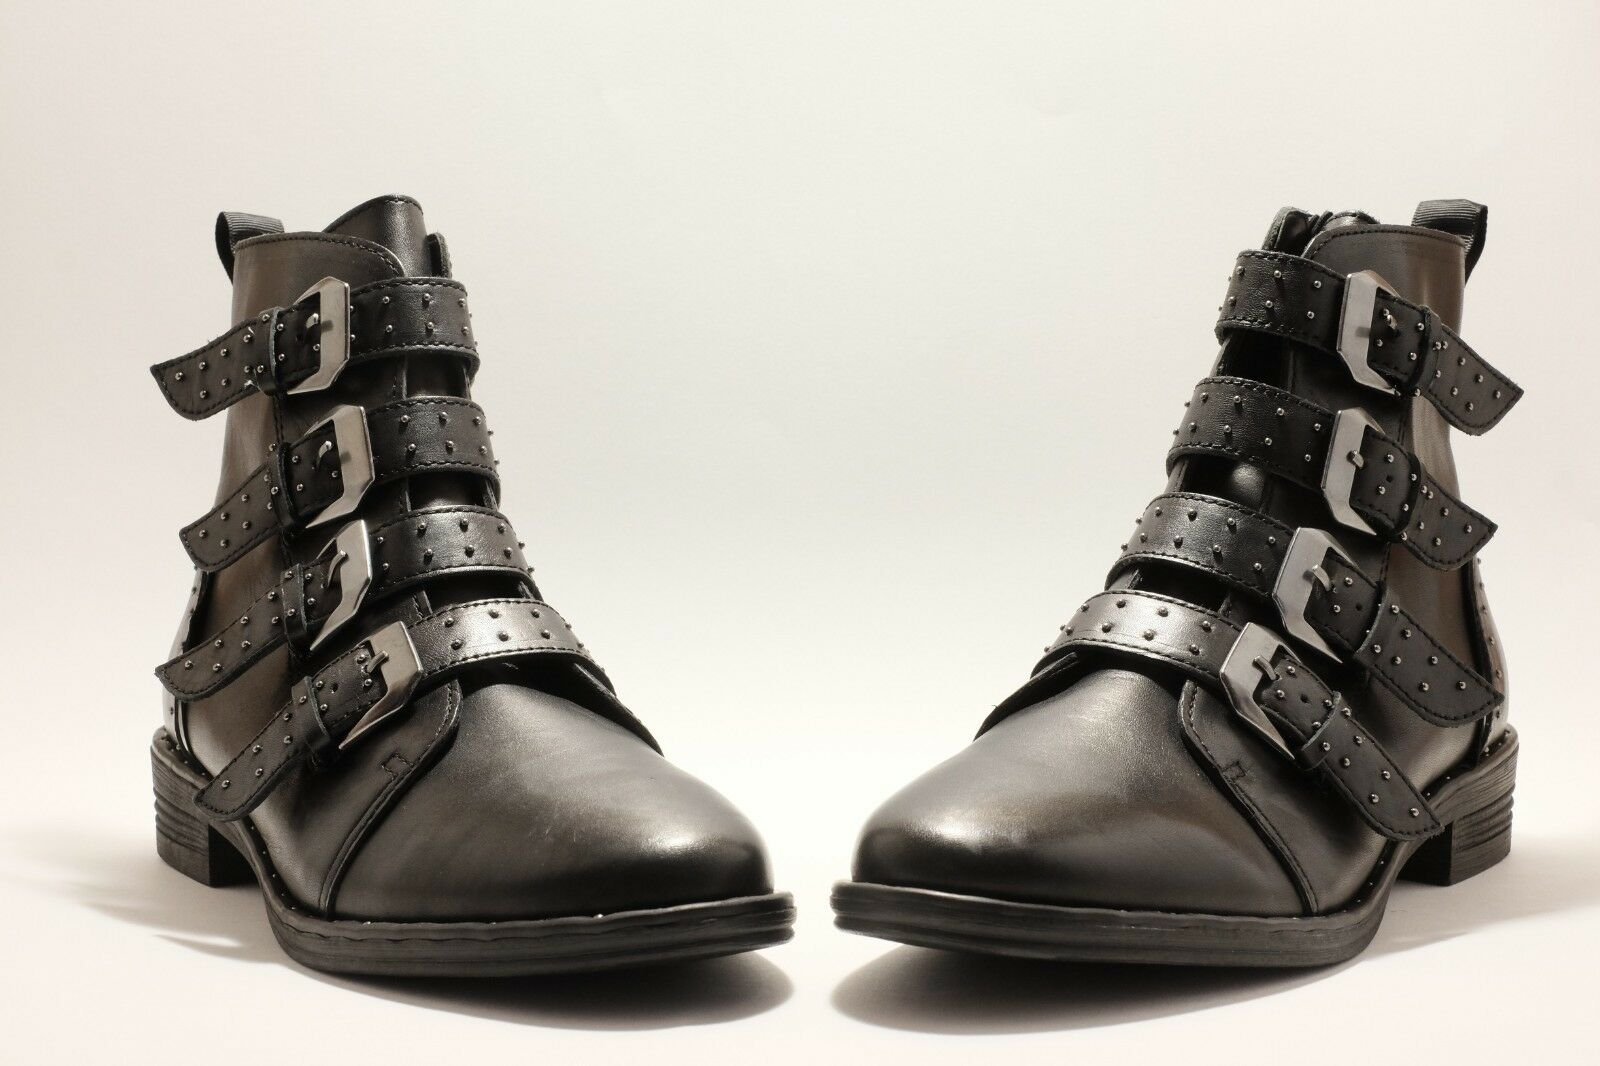 Steve Madden botas De Combate Negro Talla 7 Nuevo Nuevo Nuevo  mejor precio